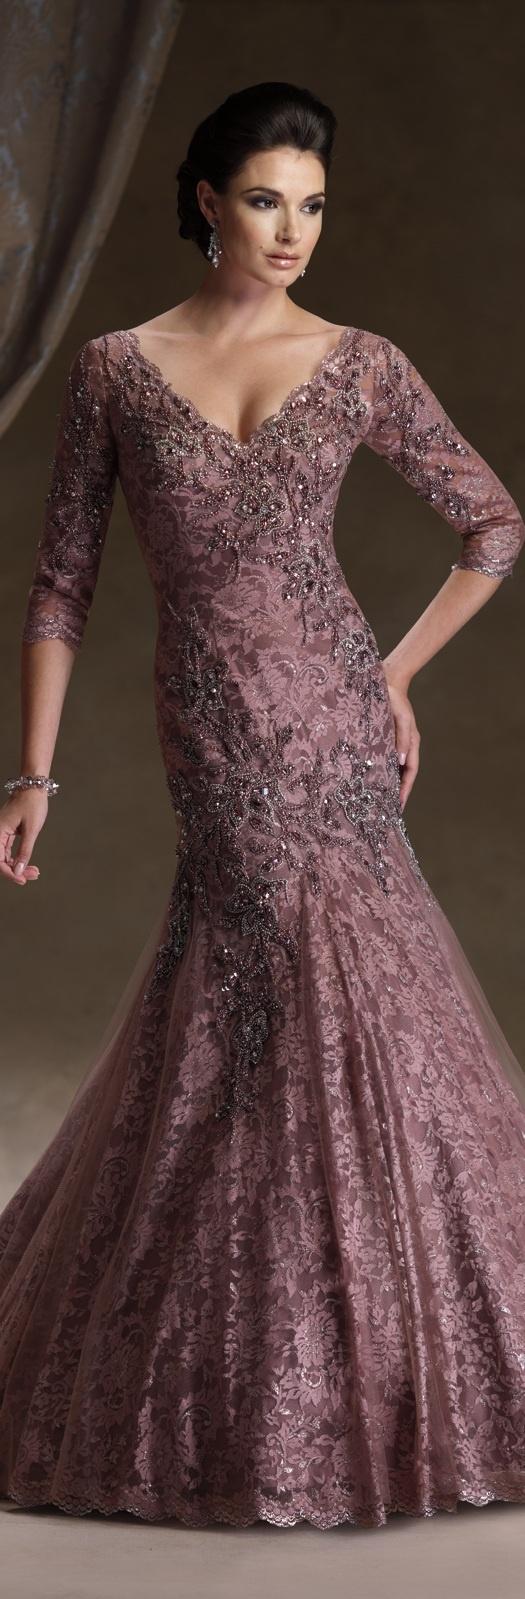 vestido longo 4